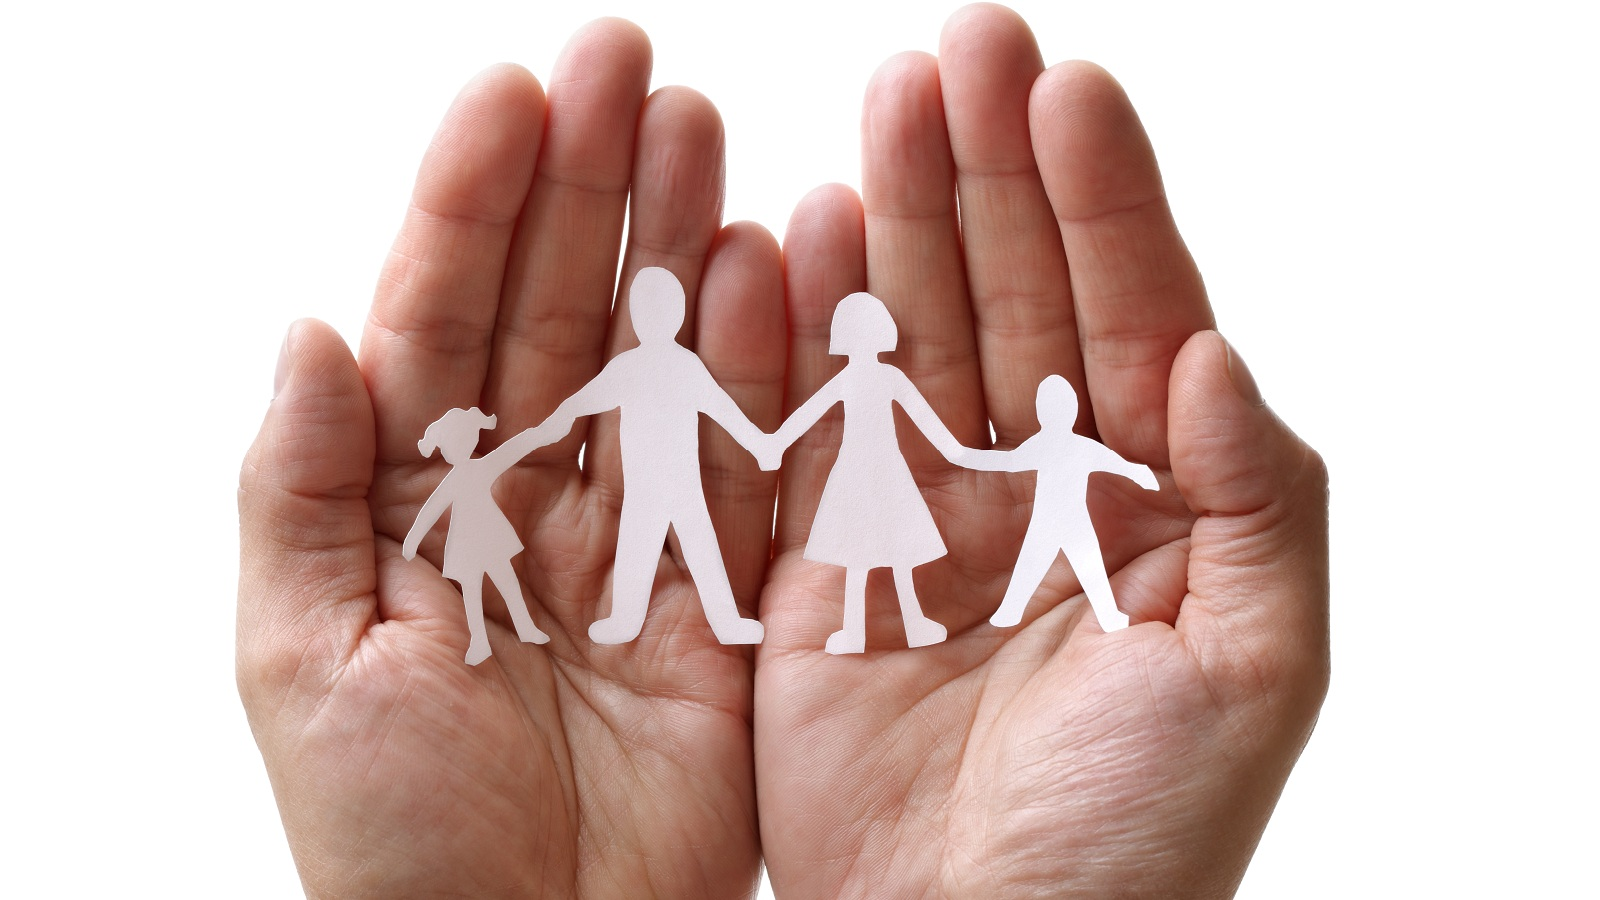 » Έγκλημα » σε βάρος αθώων και ανυπεράσπιστων παιδιών!